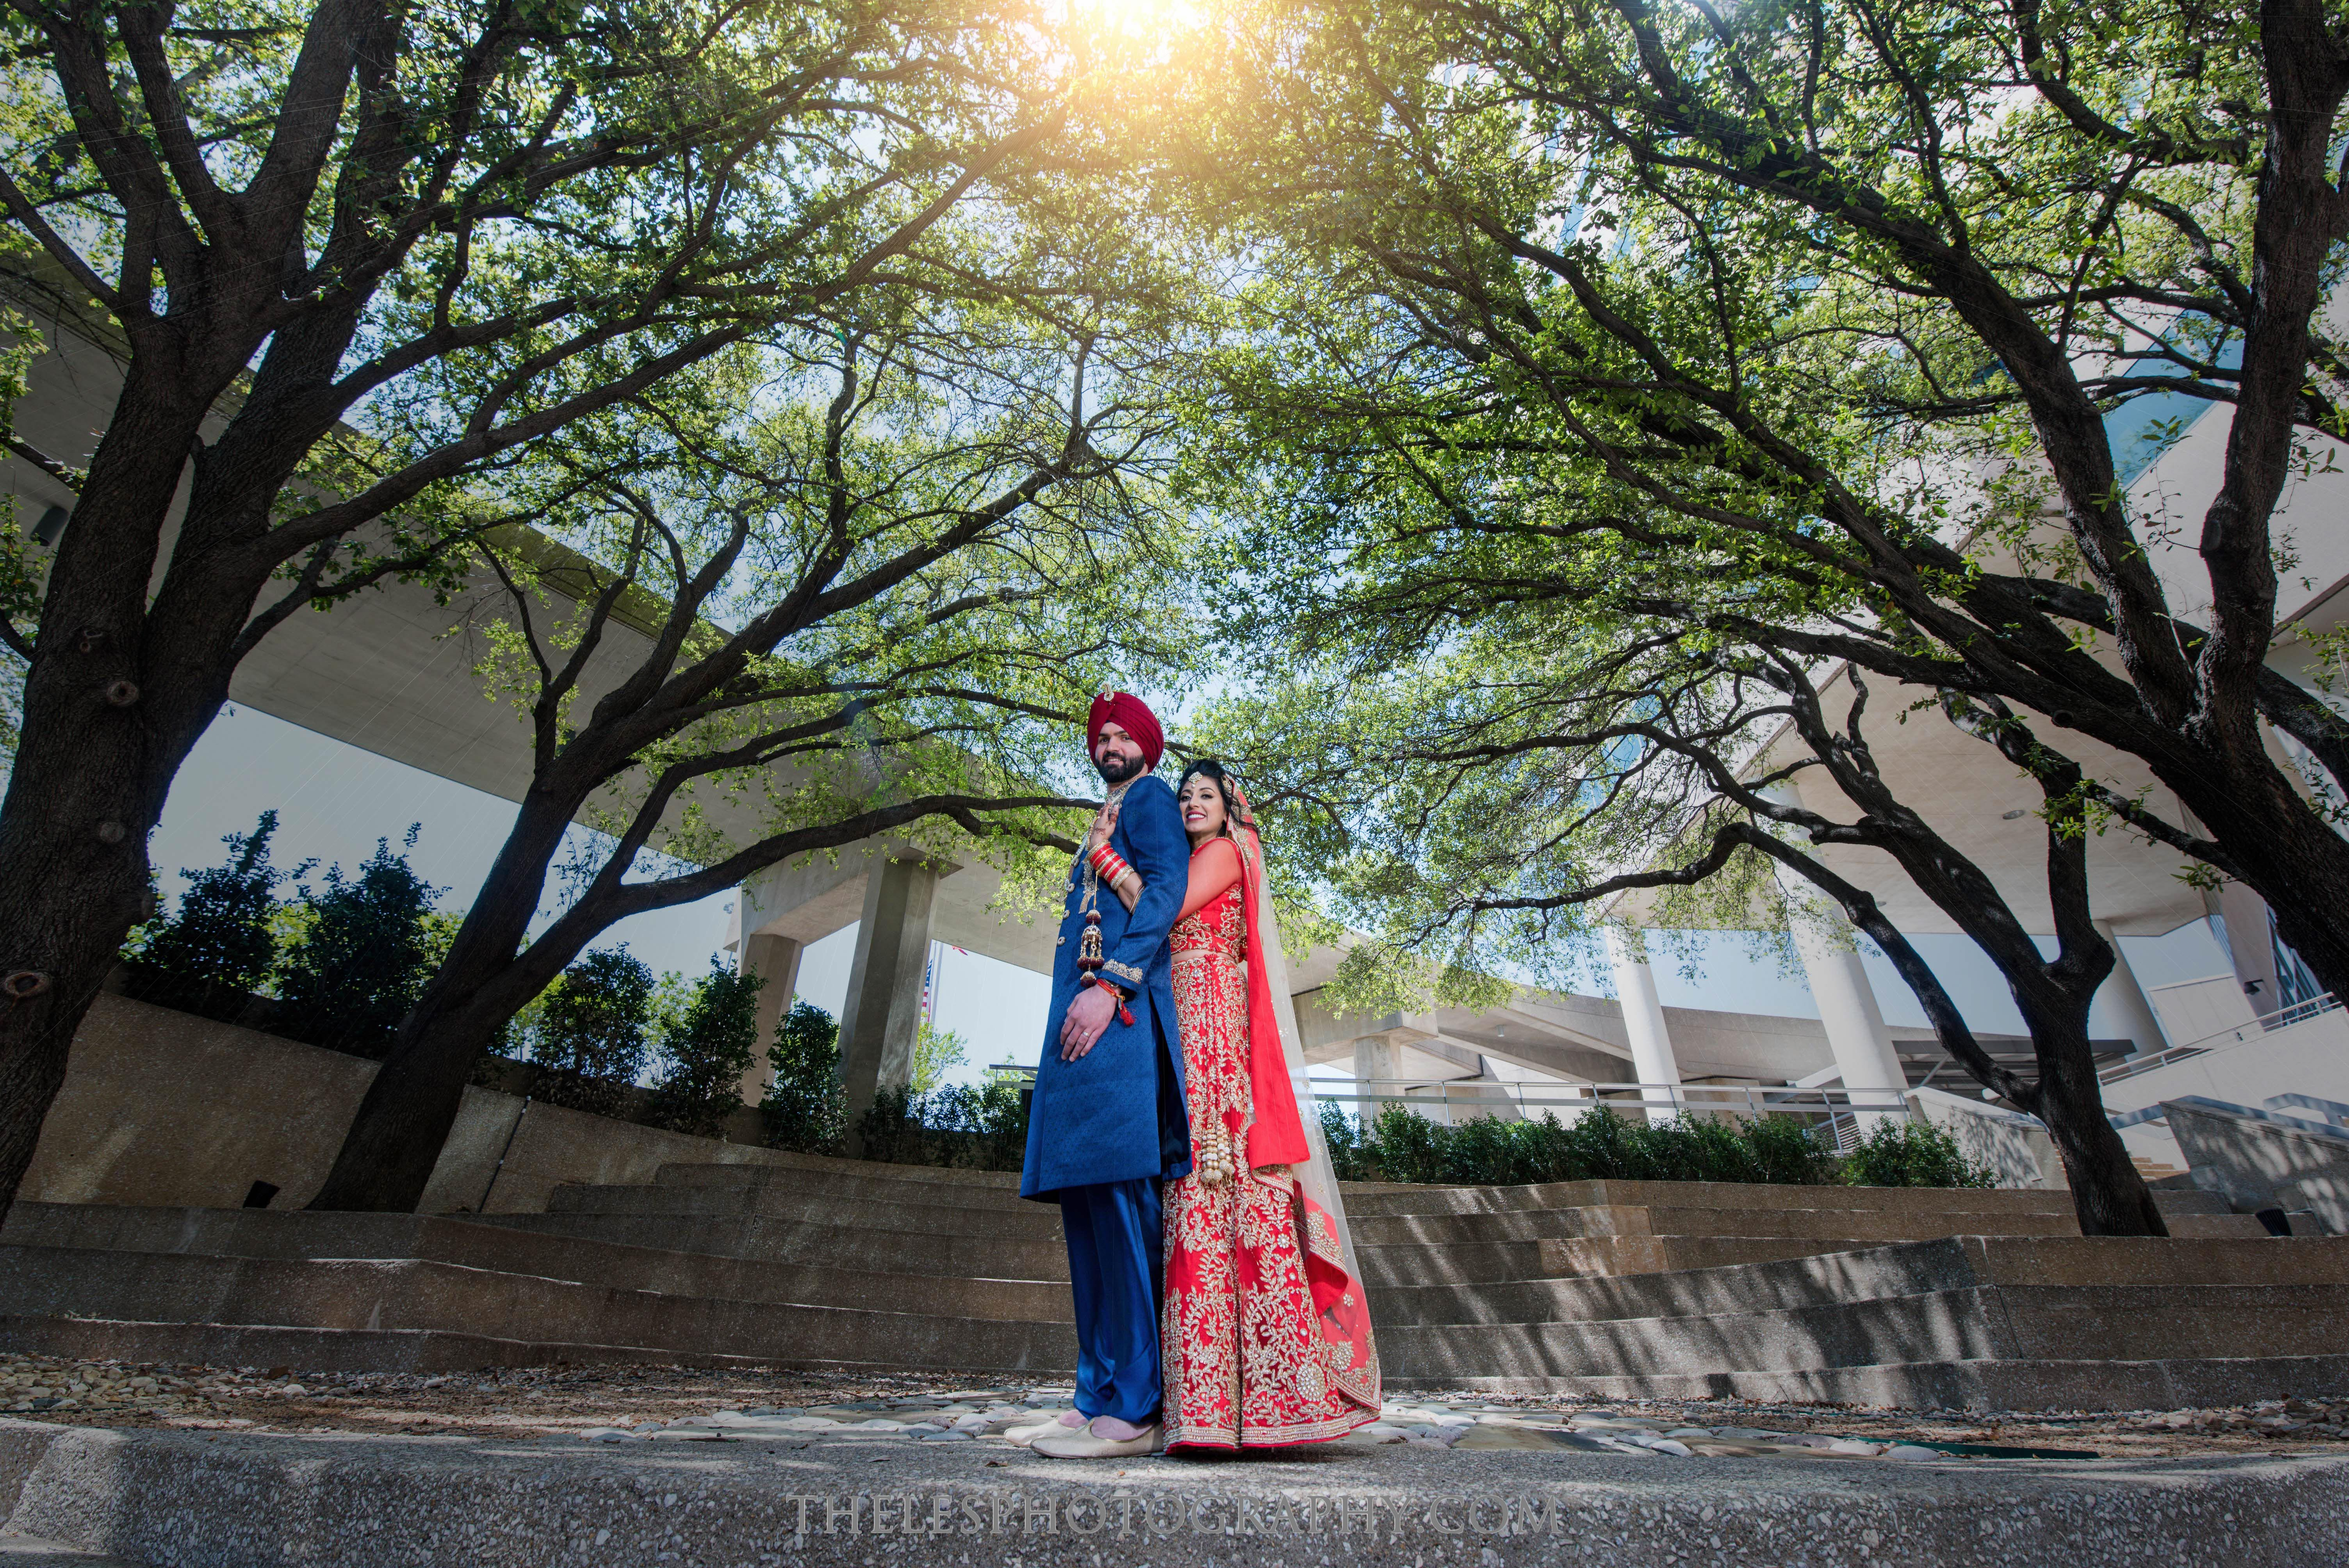 The Les Photography - Punjabi Wedding - Sikh Indian Wedding - Dallas Wedding Photographer 42